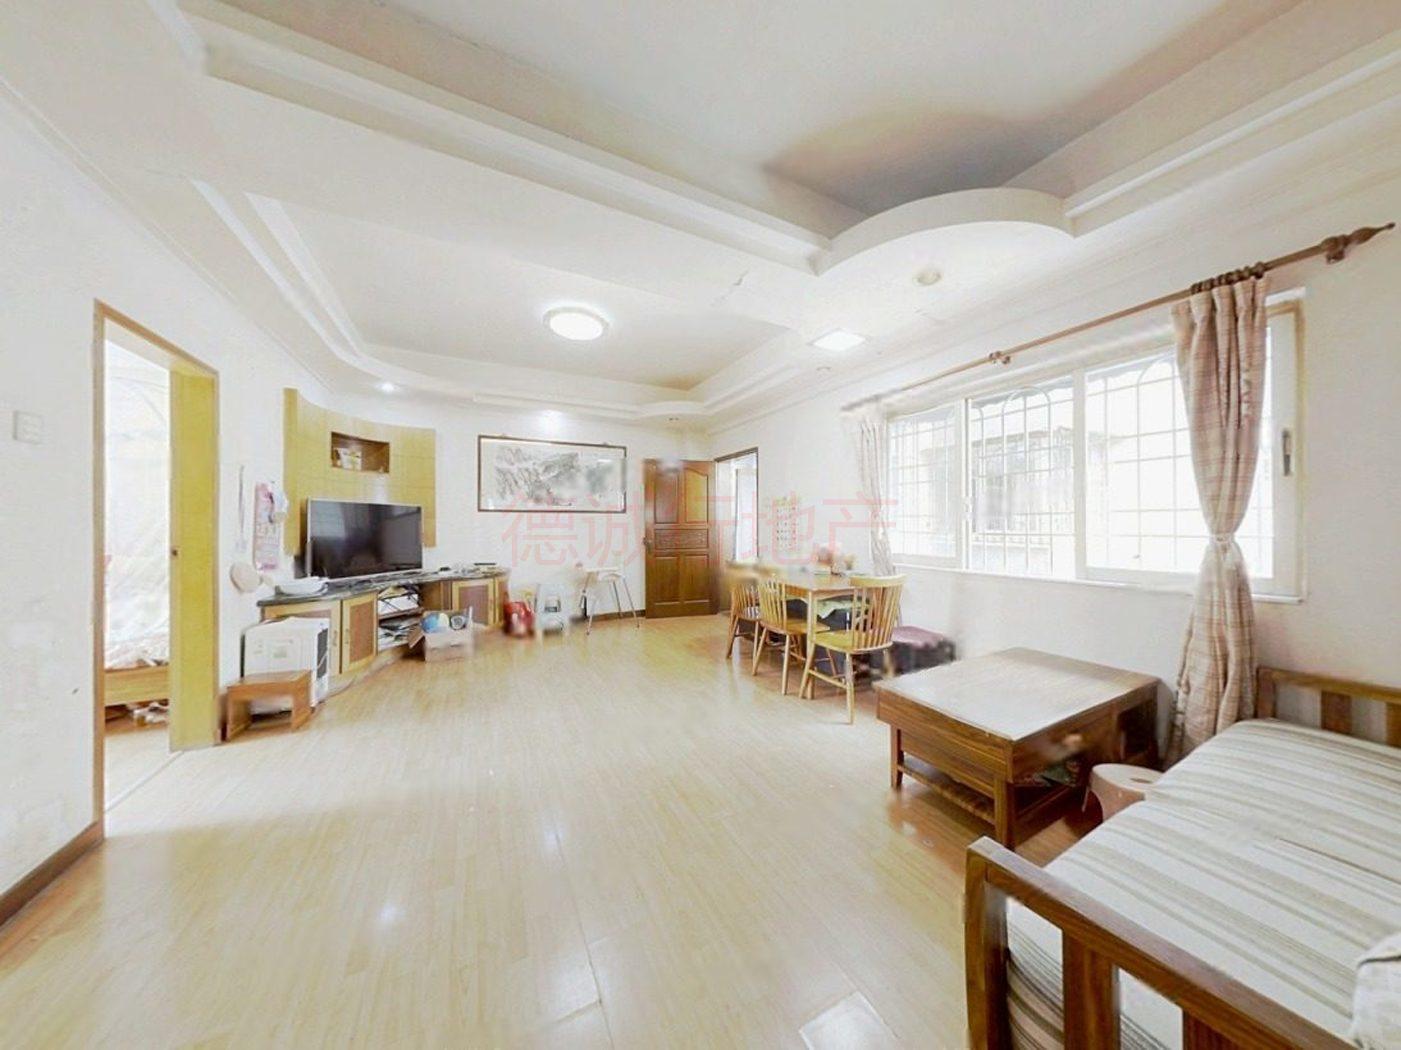 金影花园 3室1厅1卫南朝向 仅售298万元